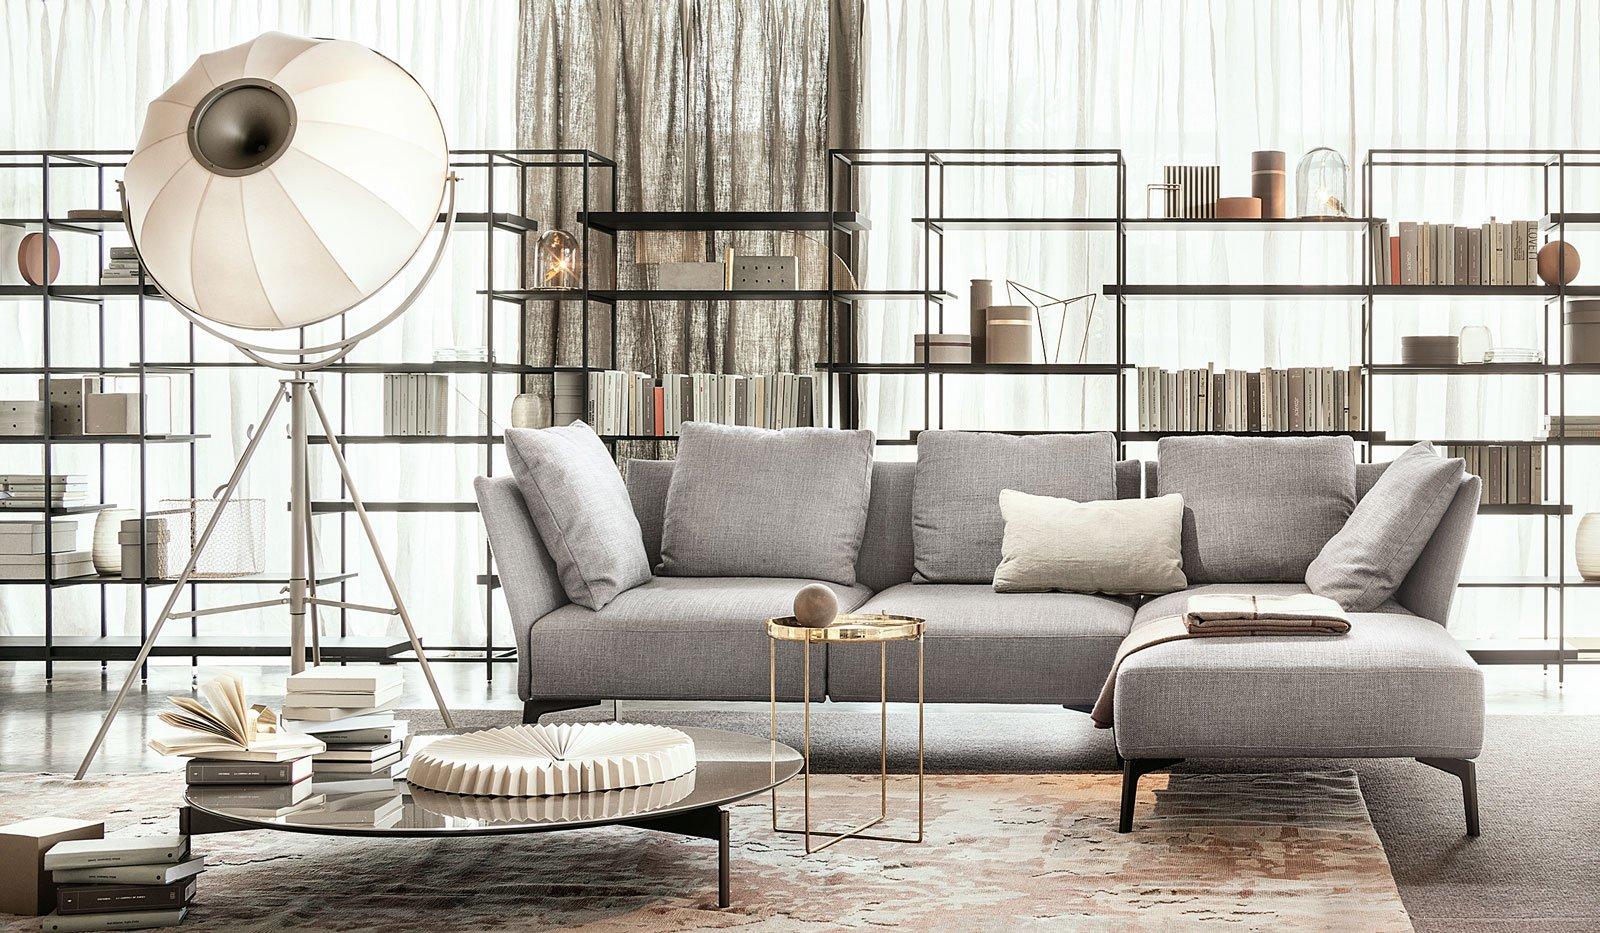 Divani design comfort secondo lema cose di casa for Salotti moderni piccoli